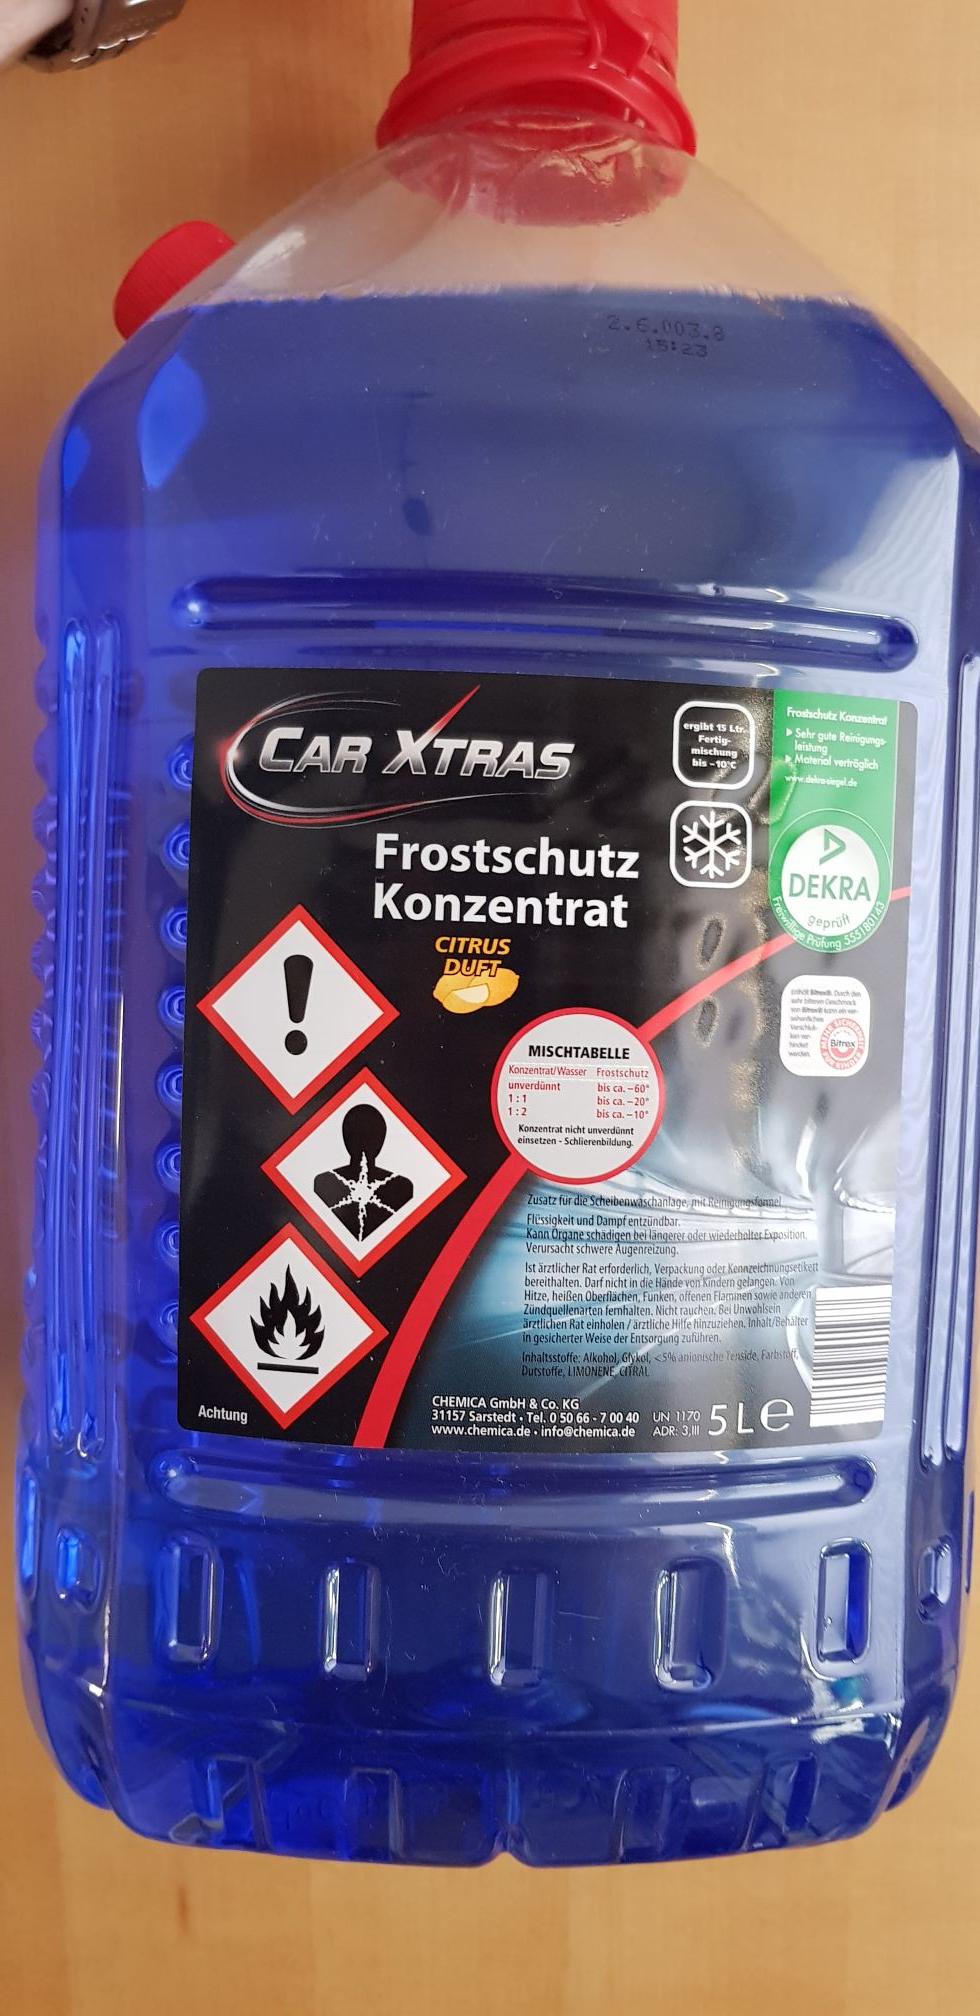 LOKAL Aldi BERLIN MITTE Scheibenreiniger Frostschutzkonzentrat 5Liter